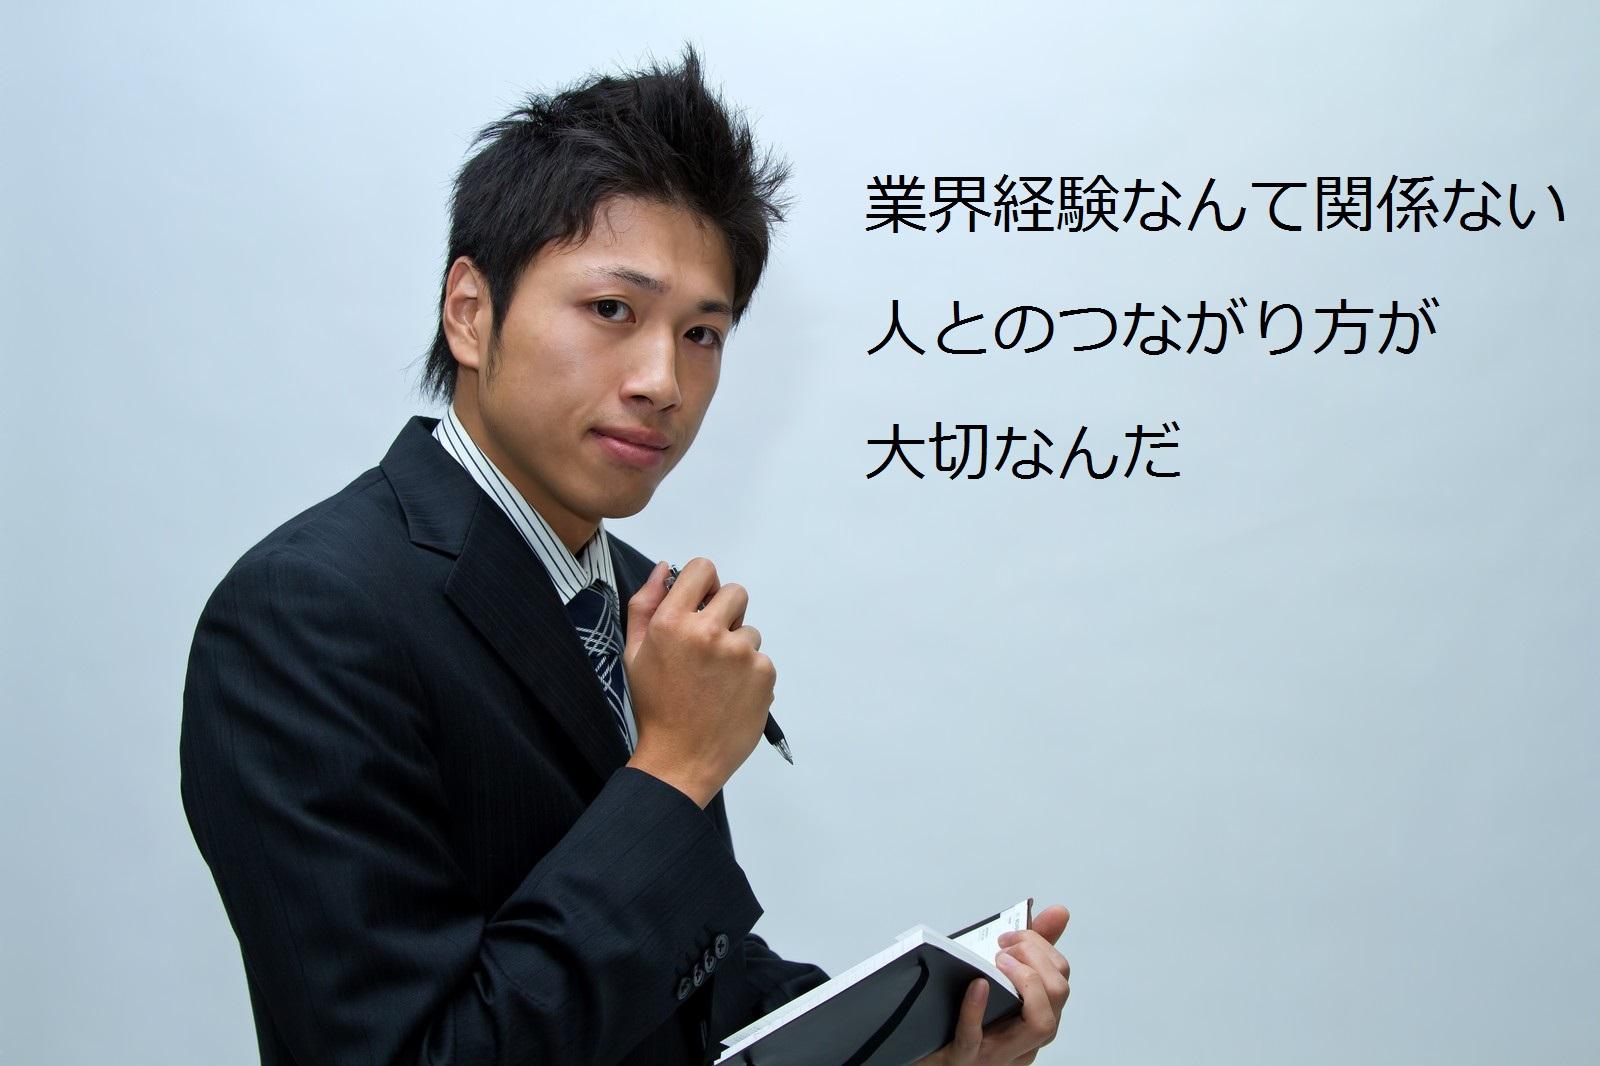 【東京都立川市の求人】法人営業や派遣スタッフさん管理の求人です。※契約社員スタートの募集です。